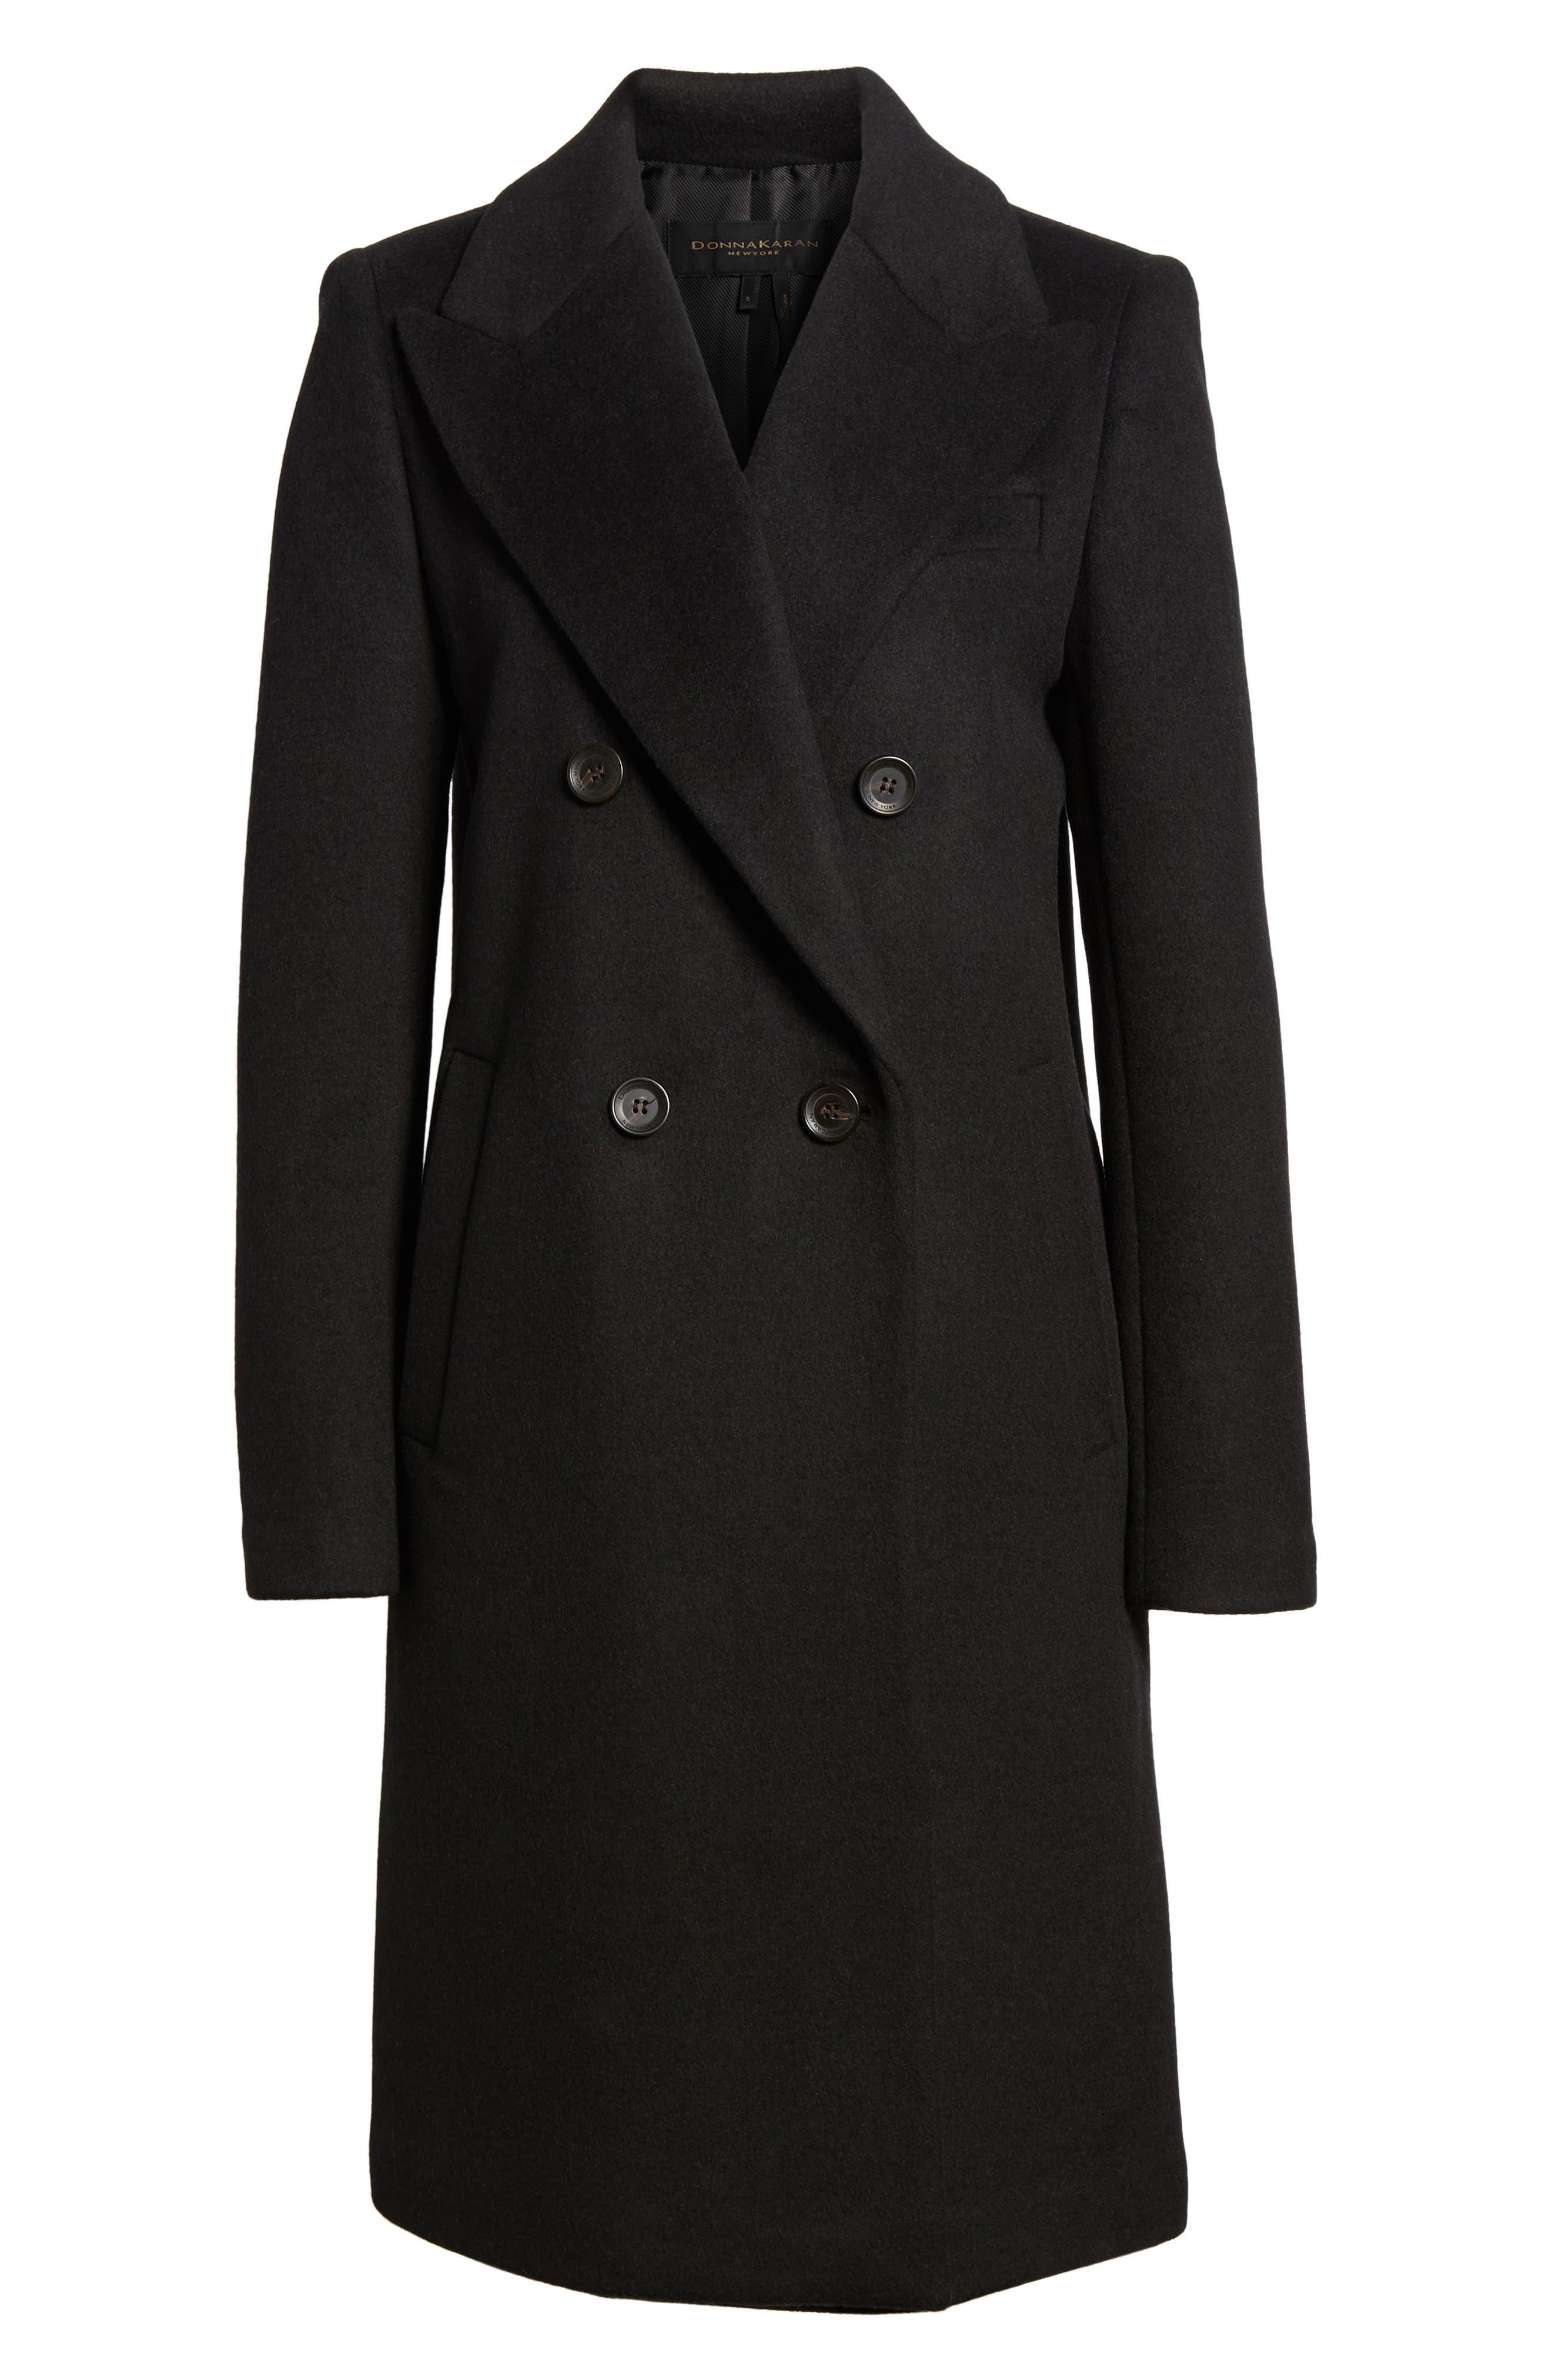 DKNY Lavish Wool Blend Coat,                             Alternate thumbnail 6, color,                             Black